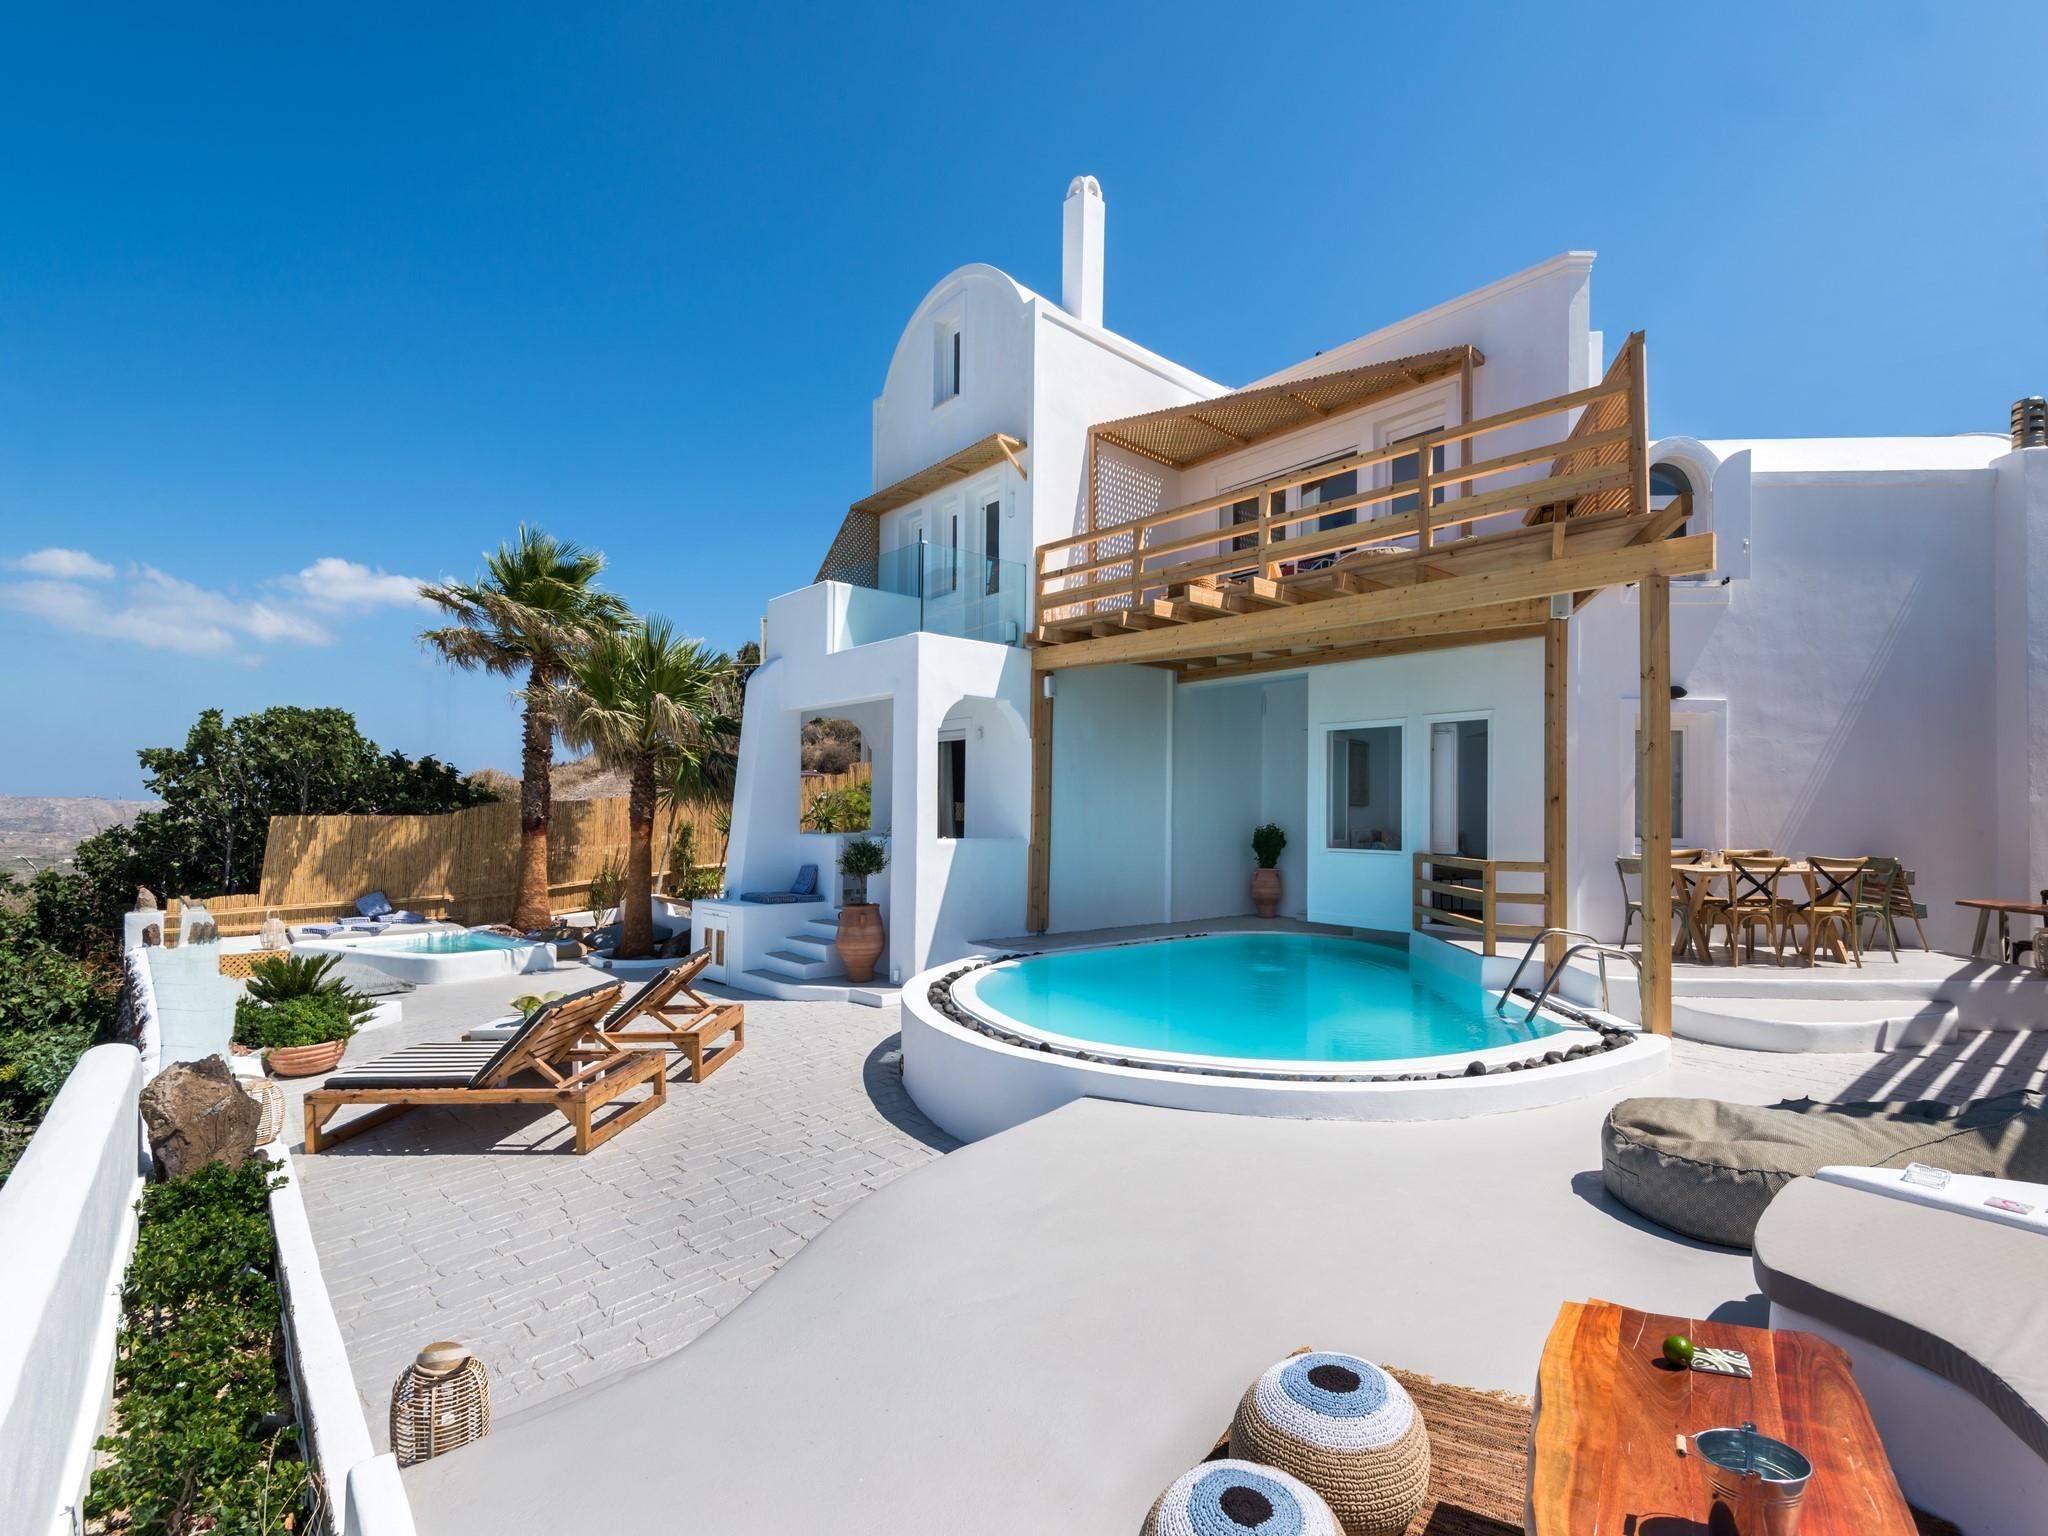 Santorini Summer Love Spa